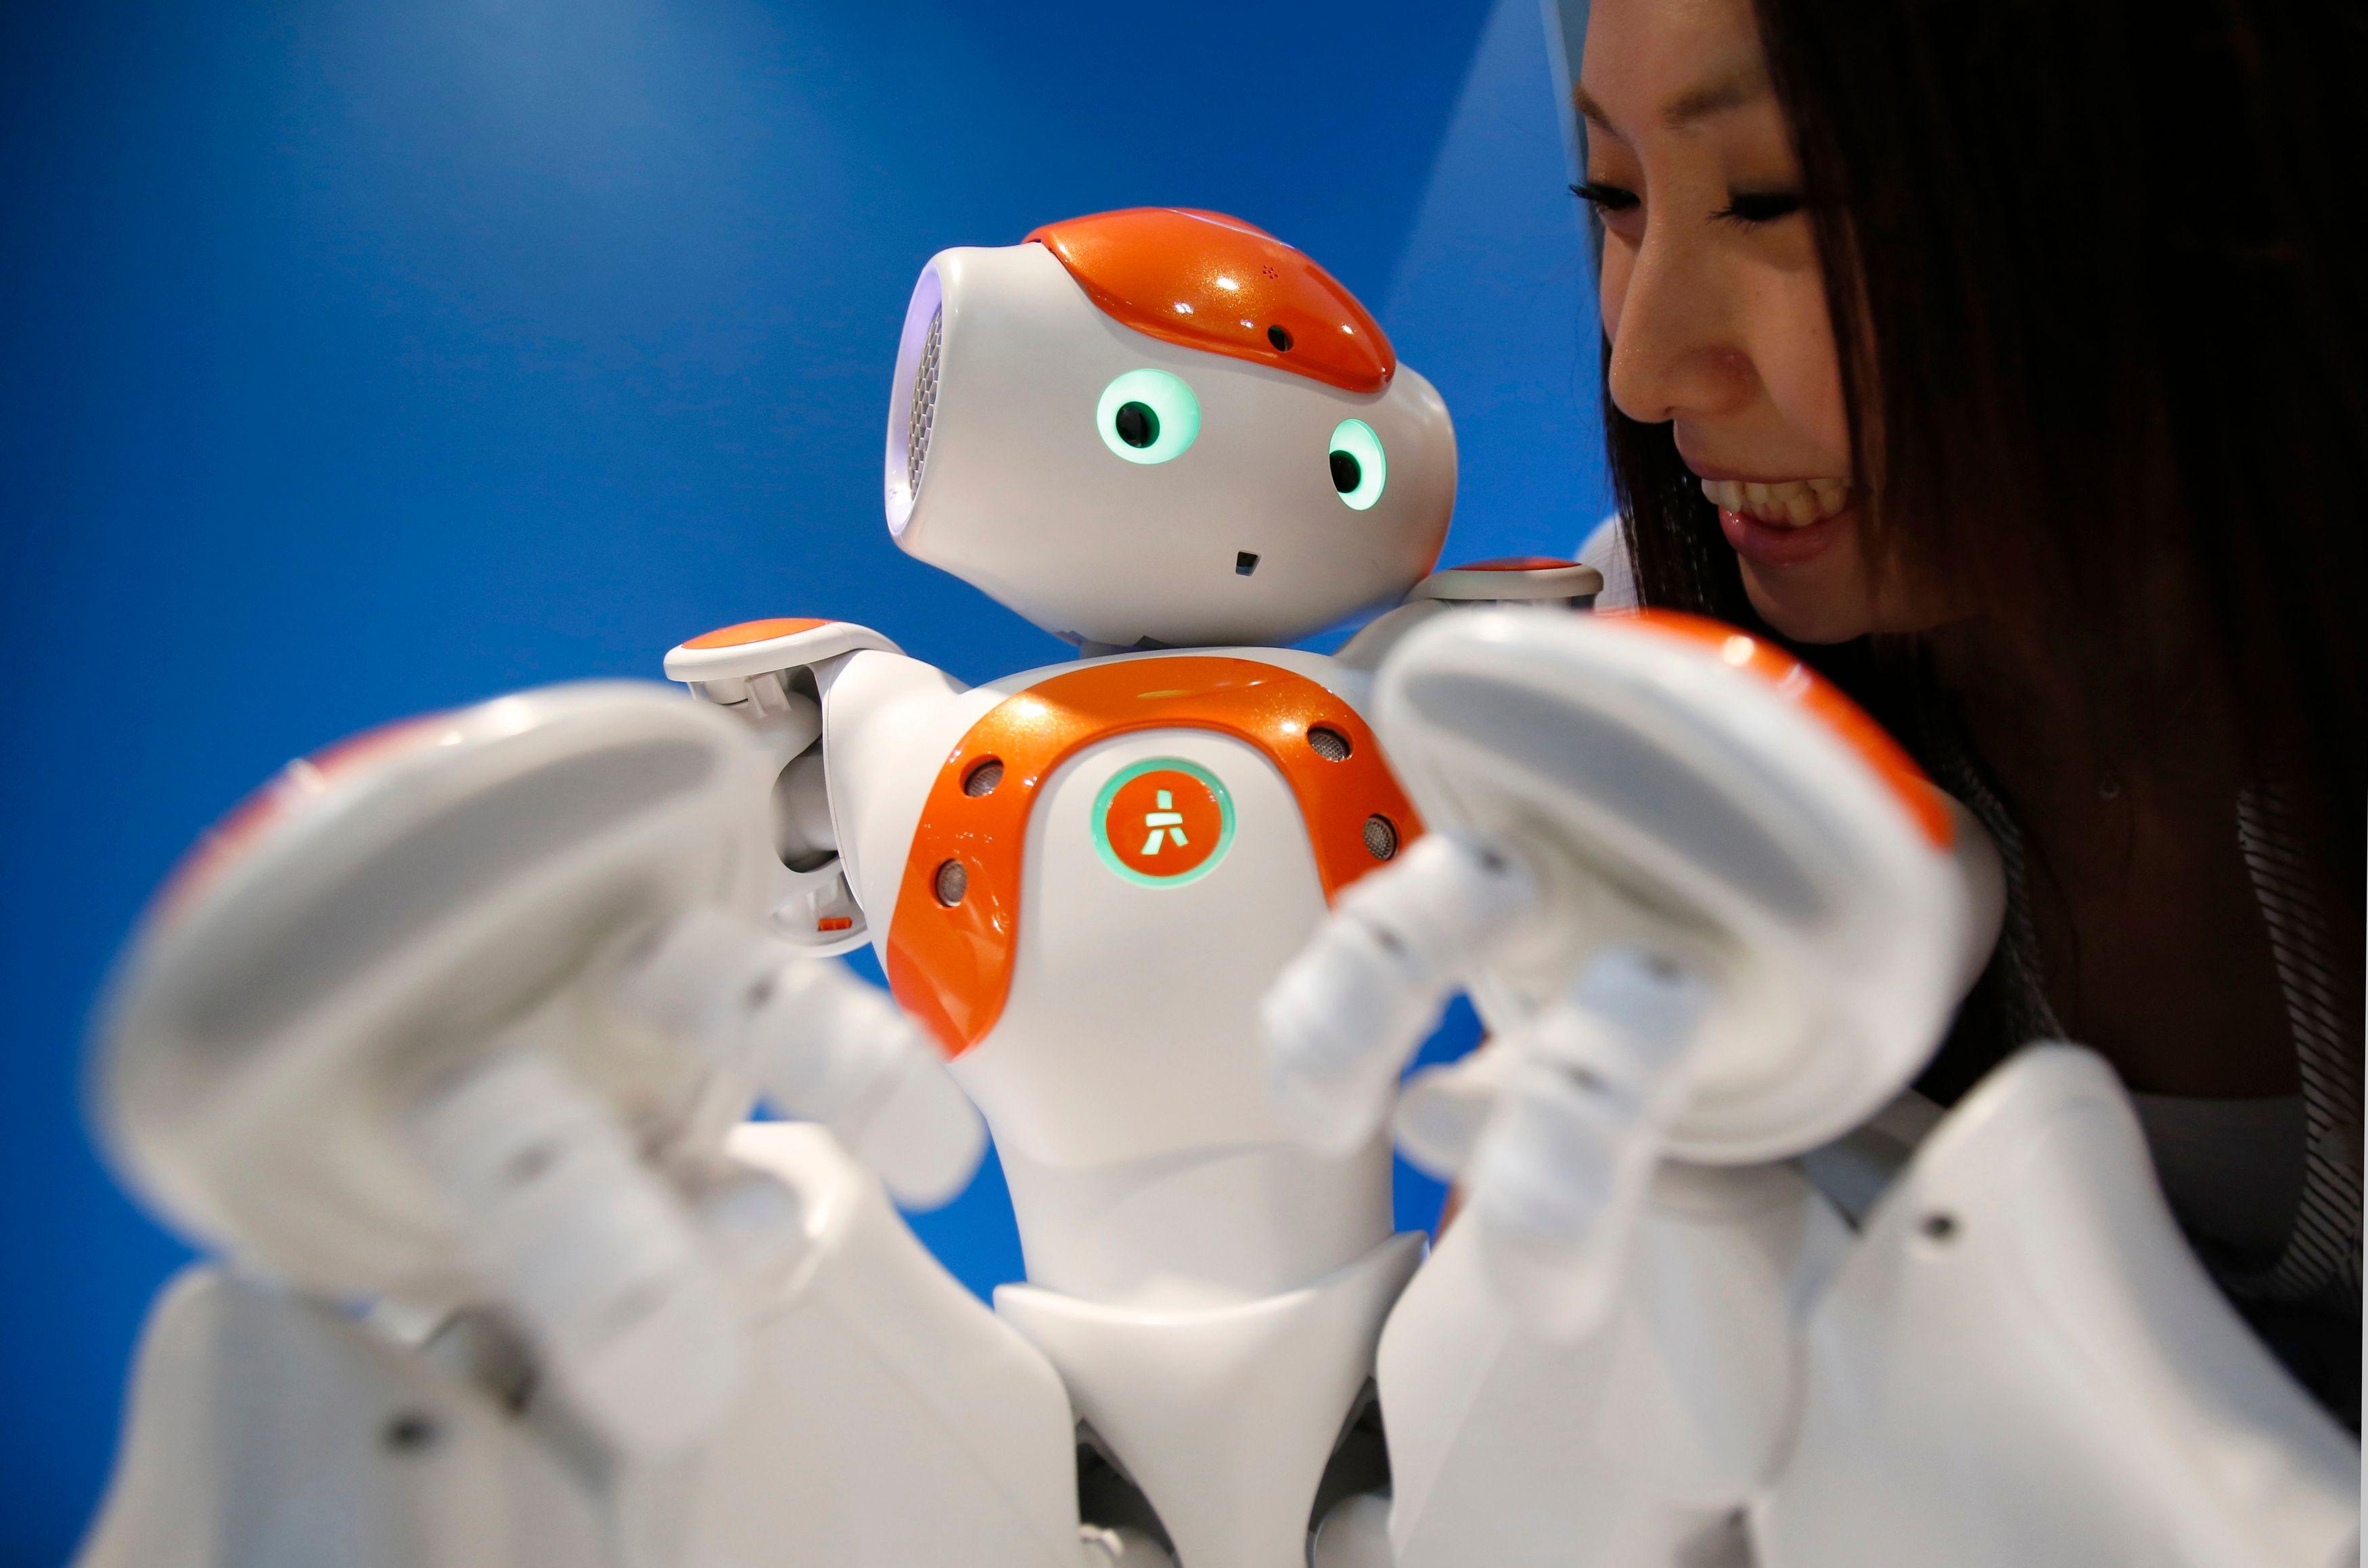 Les récits de science-fiction traitant d'un ordinateur devenu plus intelligent que l'Homme sont légions.